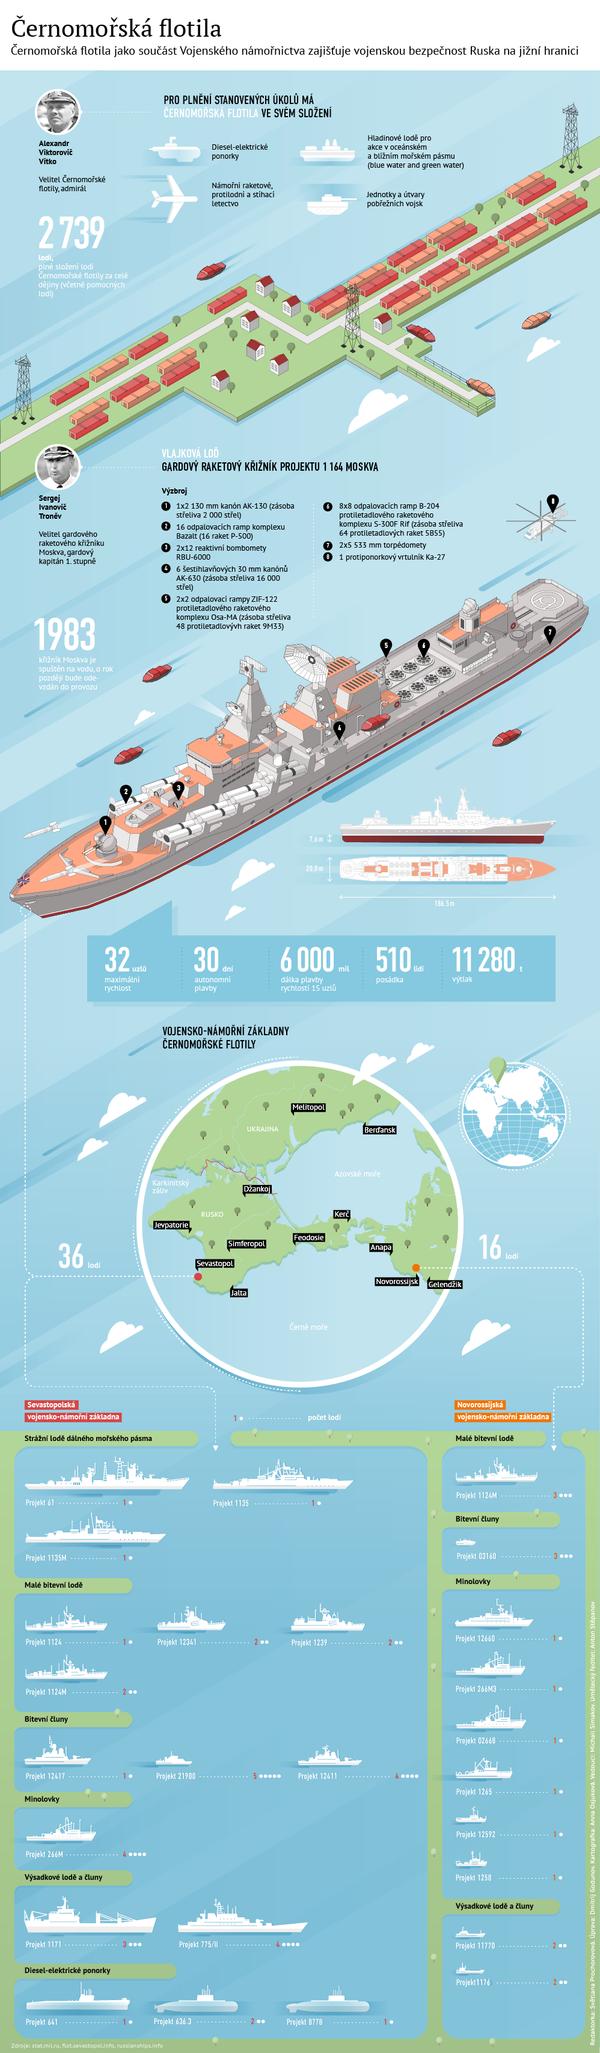 Černomořská flotila a její vlajková loď - Sputnik Česká republika